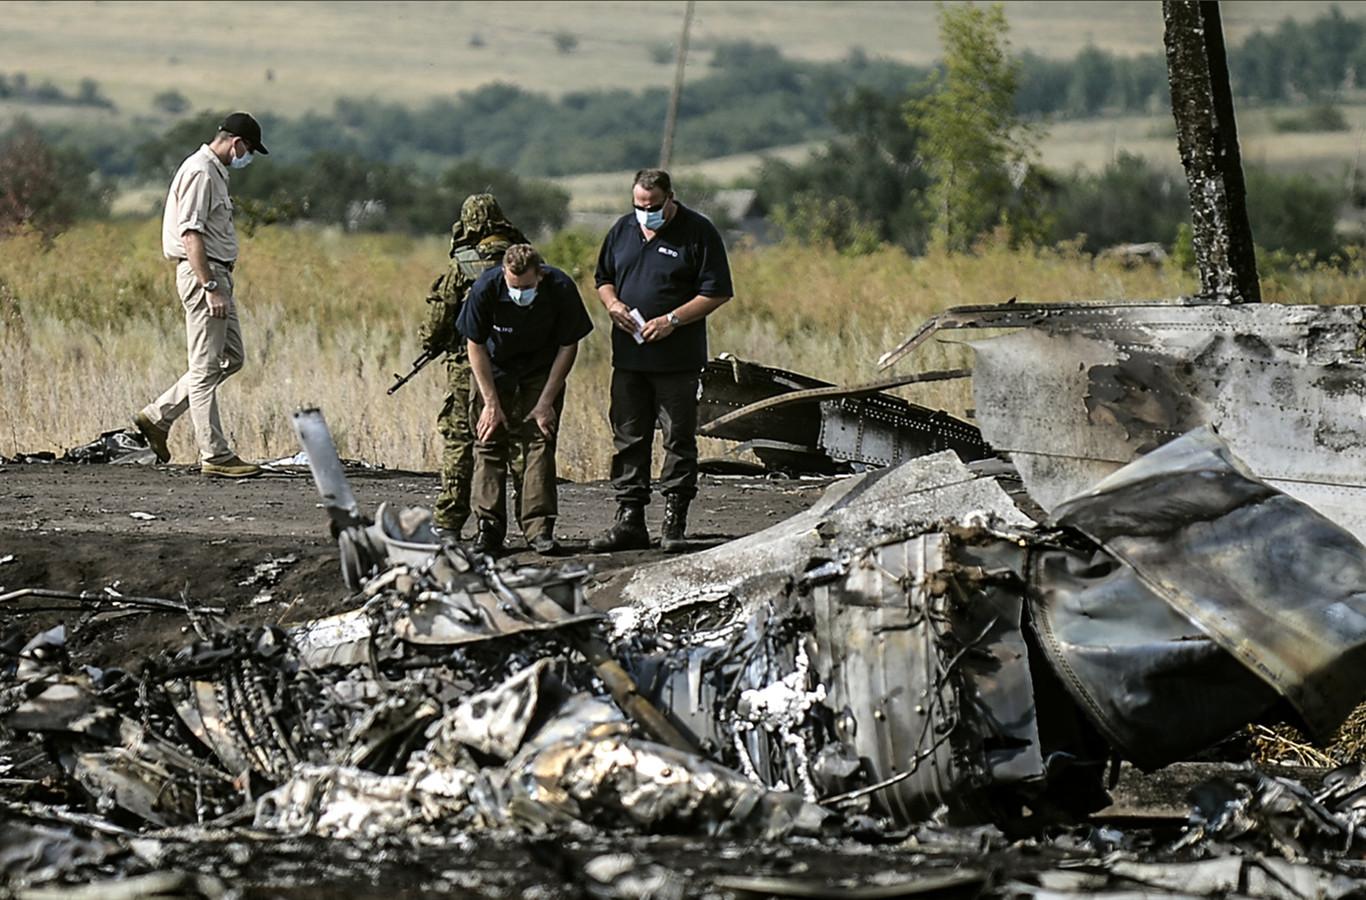 Onderzoek bij de wrakstukken van MH17 vlakbij Grabovo in Oost-Oekraïne.